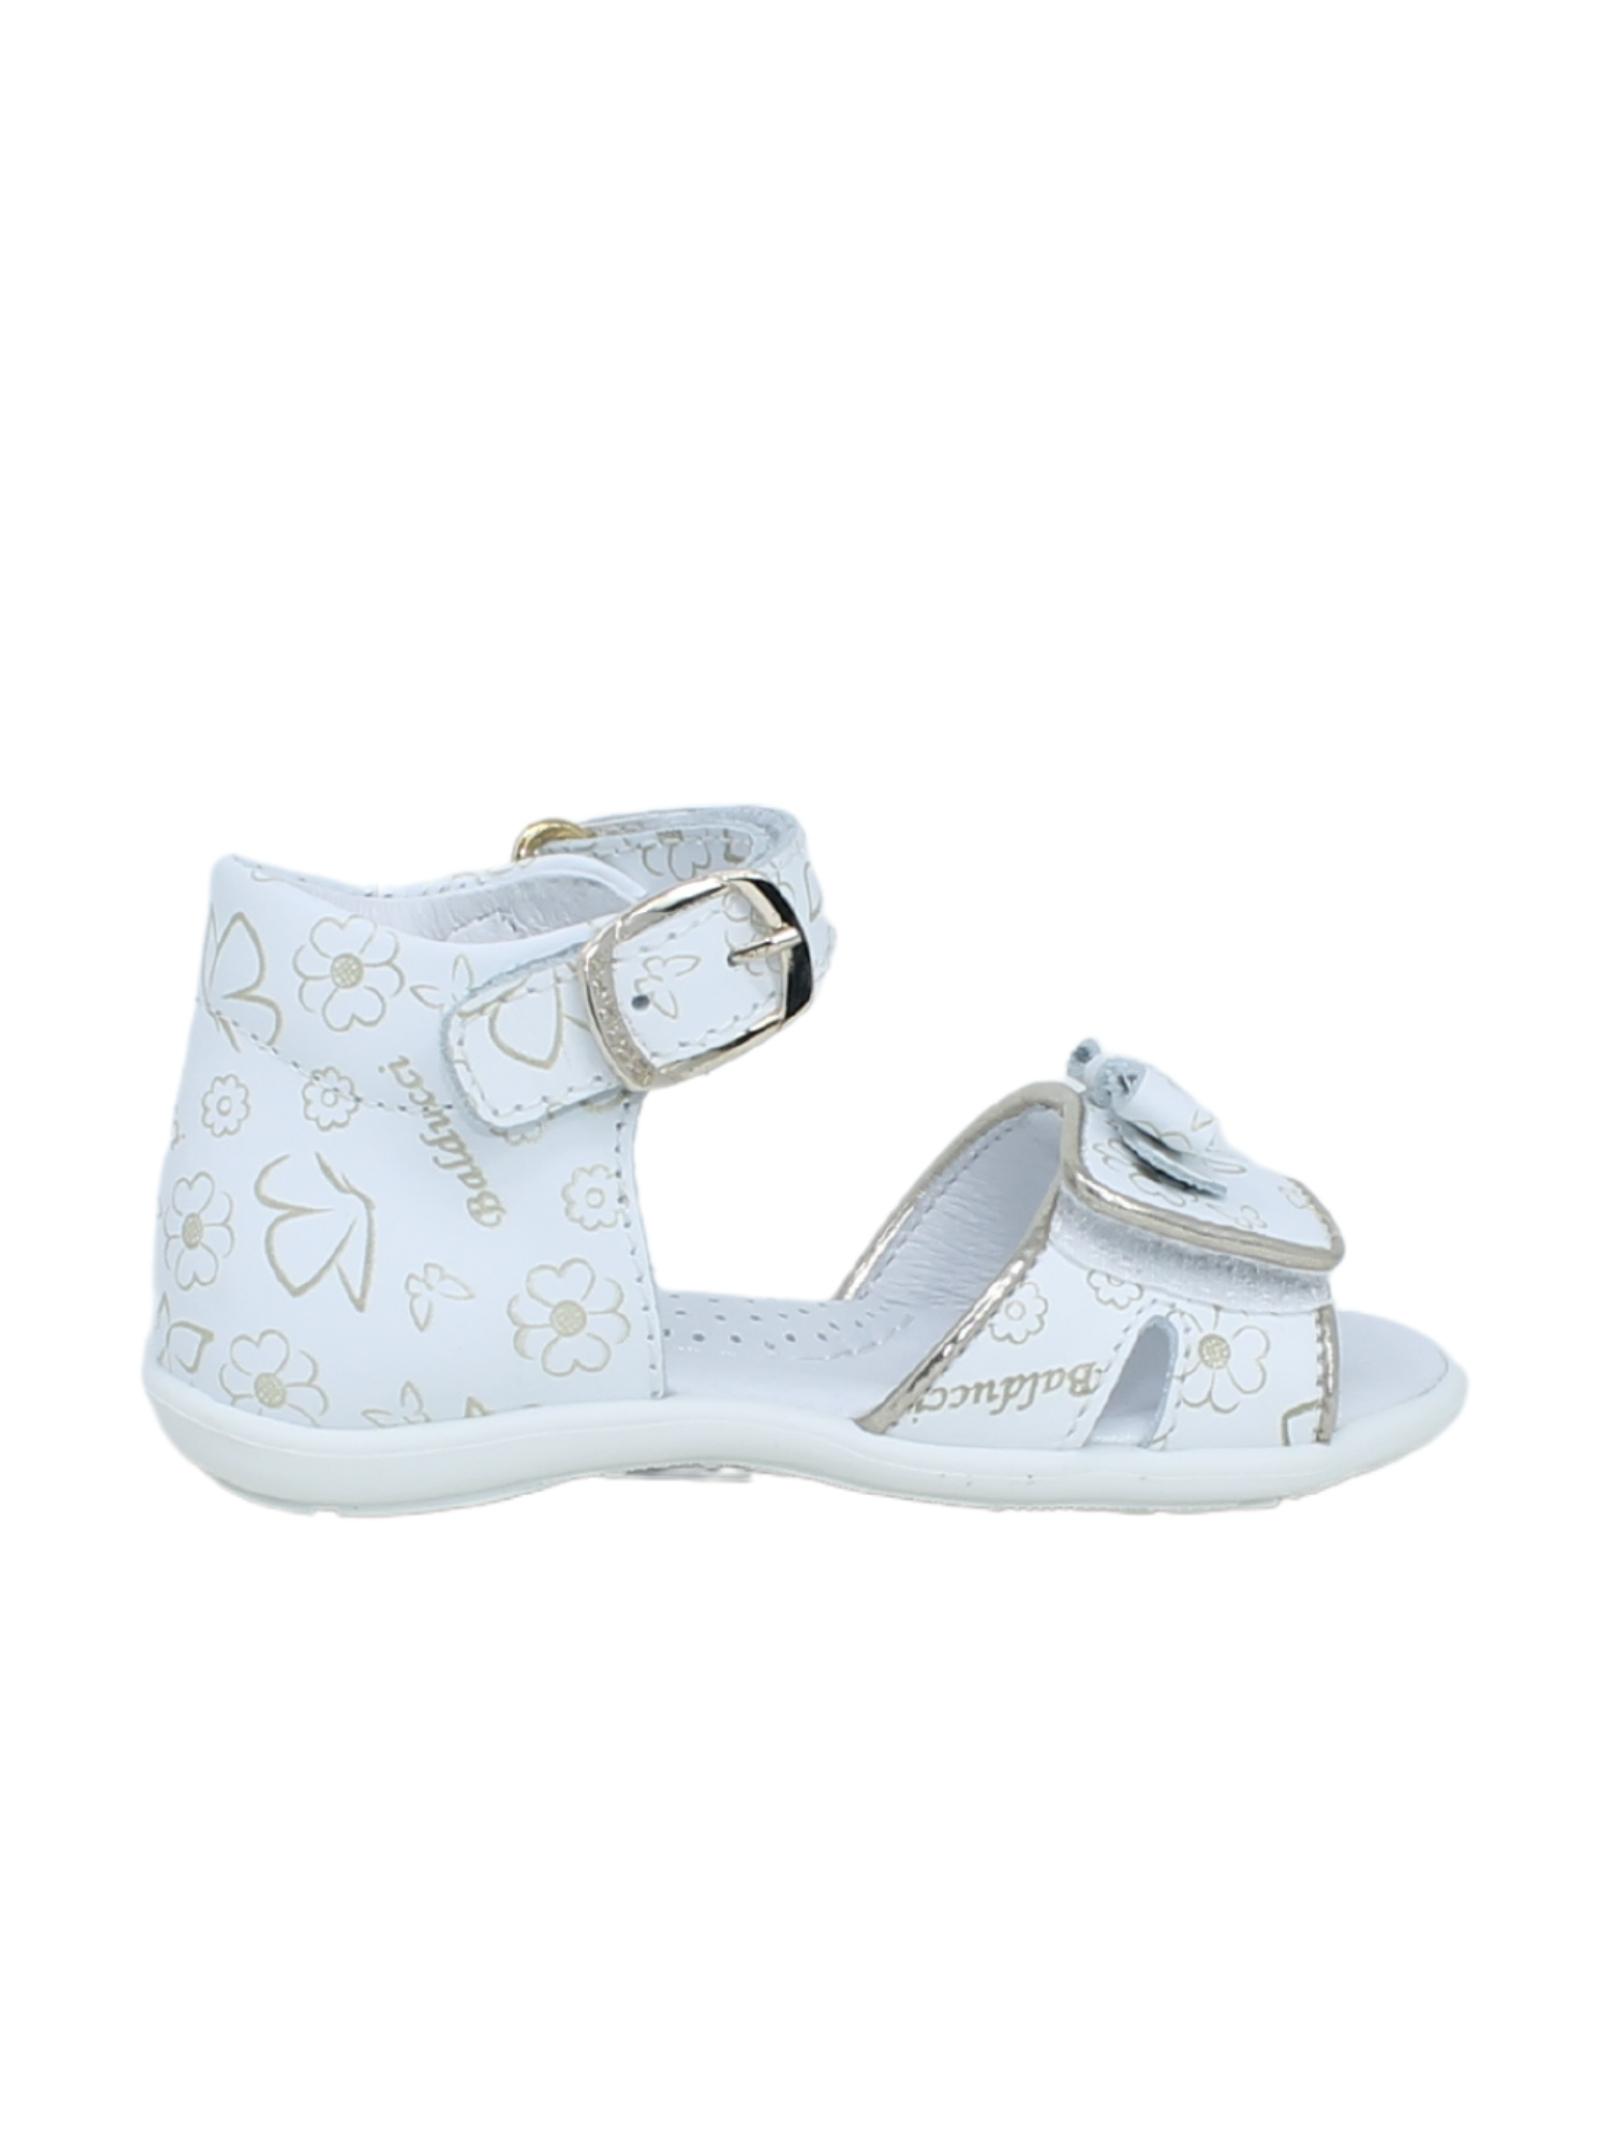 BALDUCCI | Sandals | CITA4414B13292